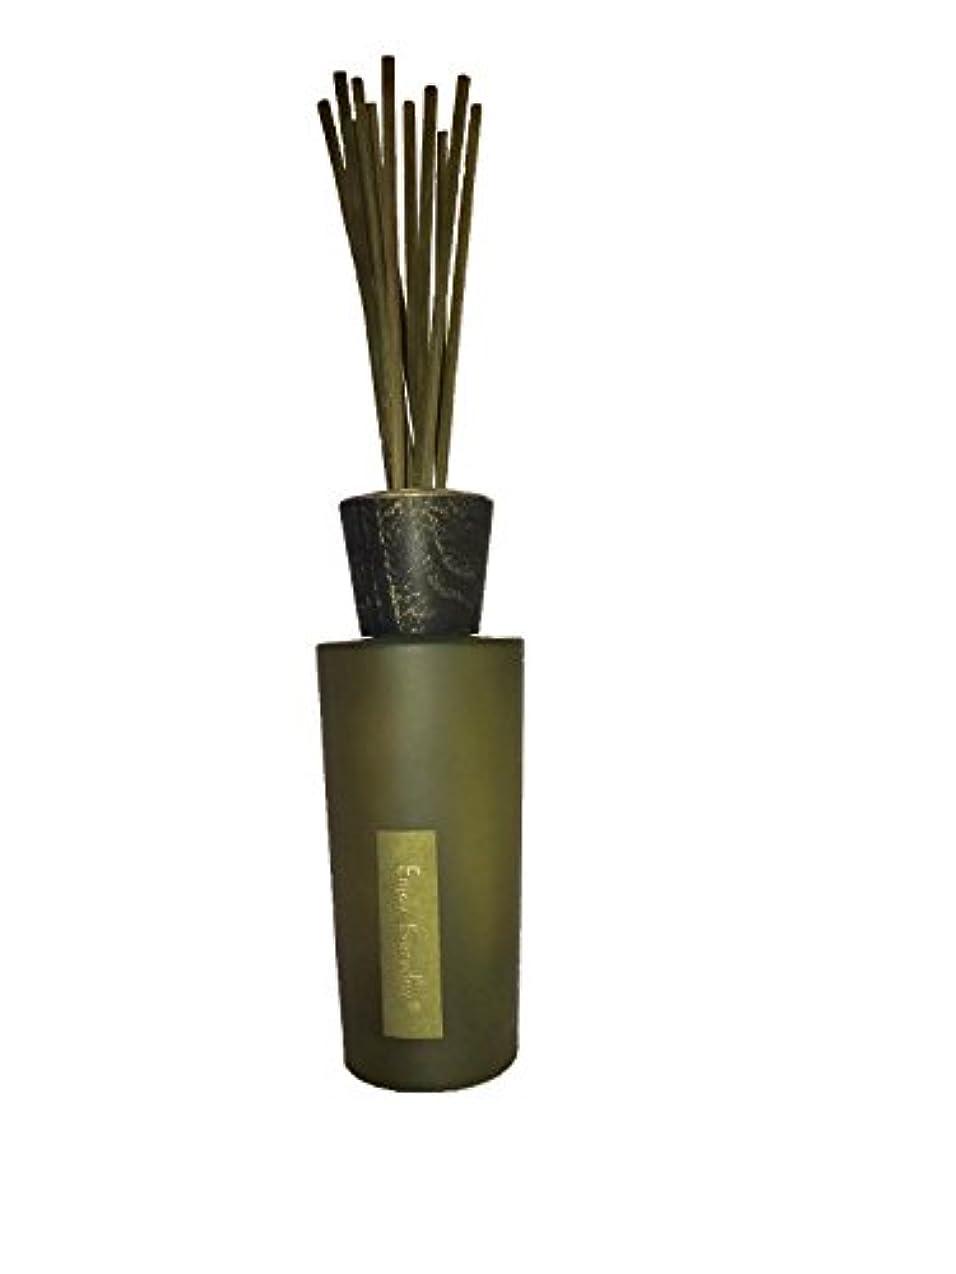 学習者通信するトレイ40%OFF!【Branch of Aroma】100%天然アロマスティックディフューザー-9種の香り- (200ml) (Freshソープ)